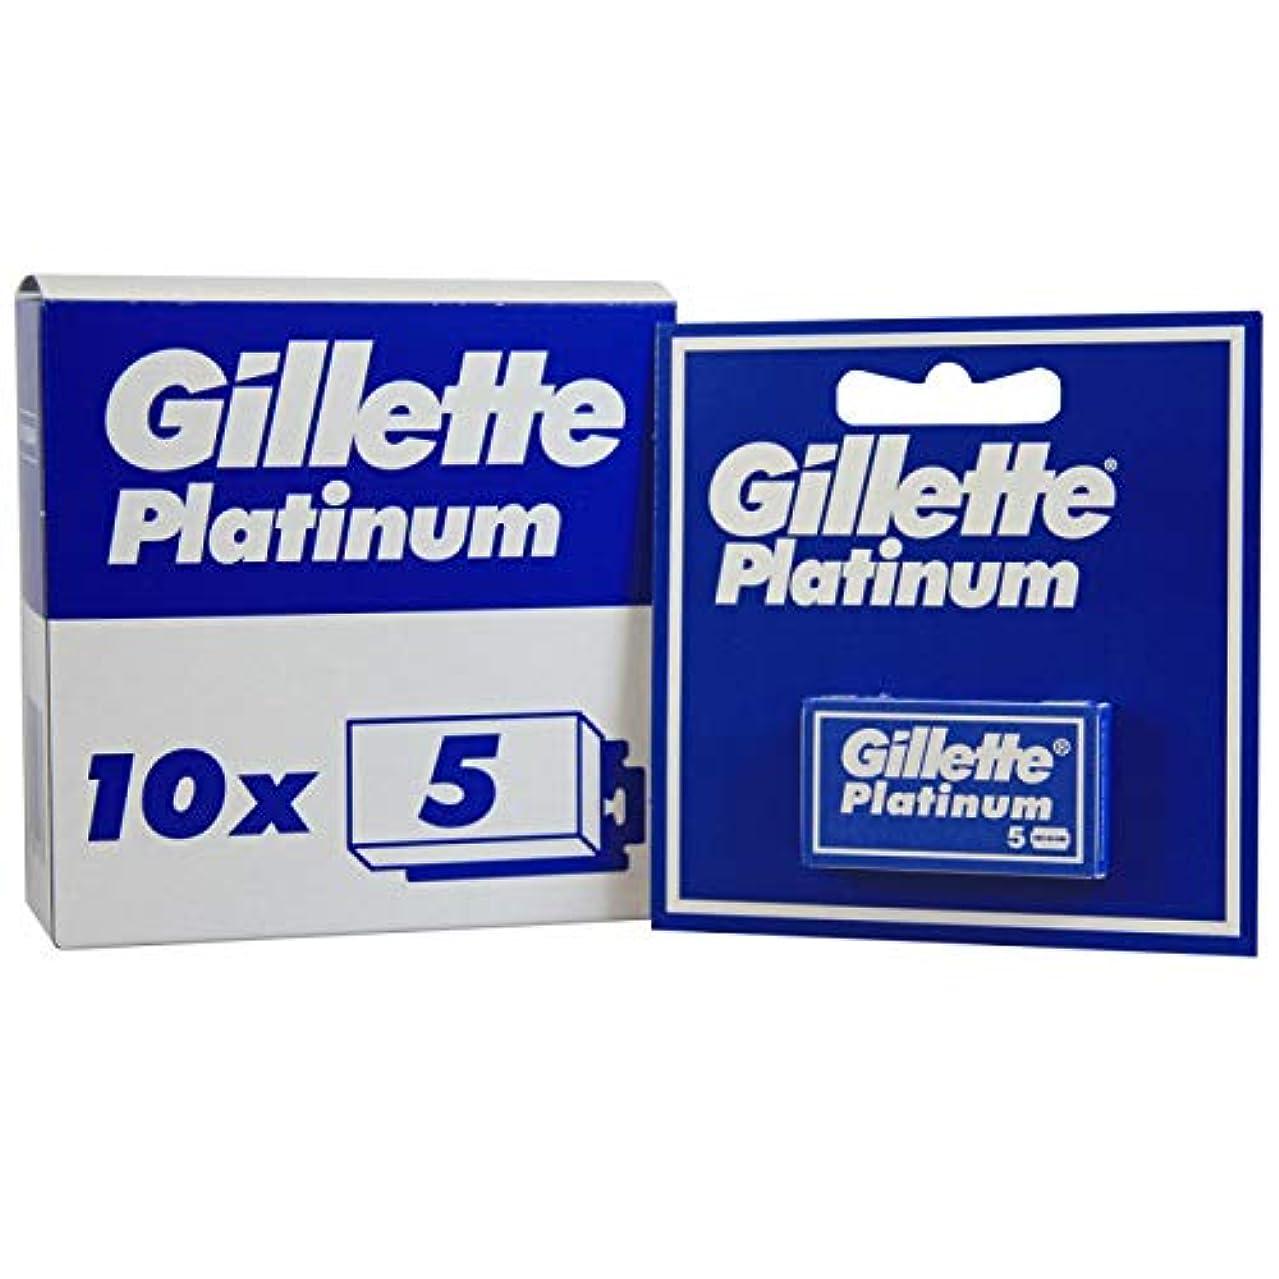 虐待困惑する完璧Gillette Platinum [プレミアムホワイトボックス版!] ジレット プラチナ 両刃替刃 50個入り (5*10) [海外直送品] [並行輸入品]